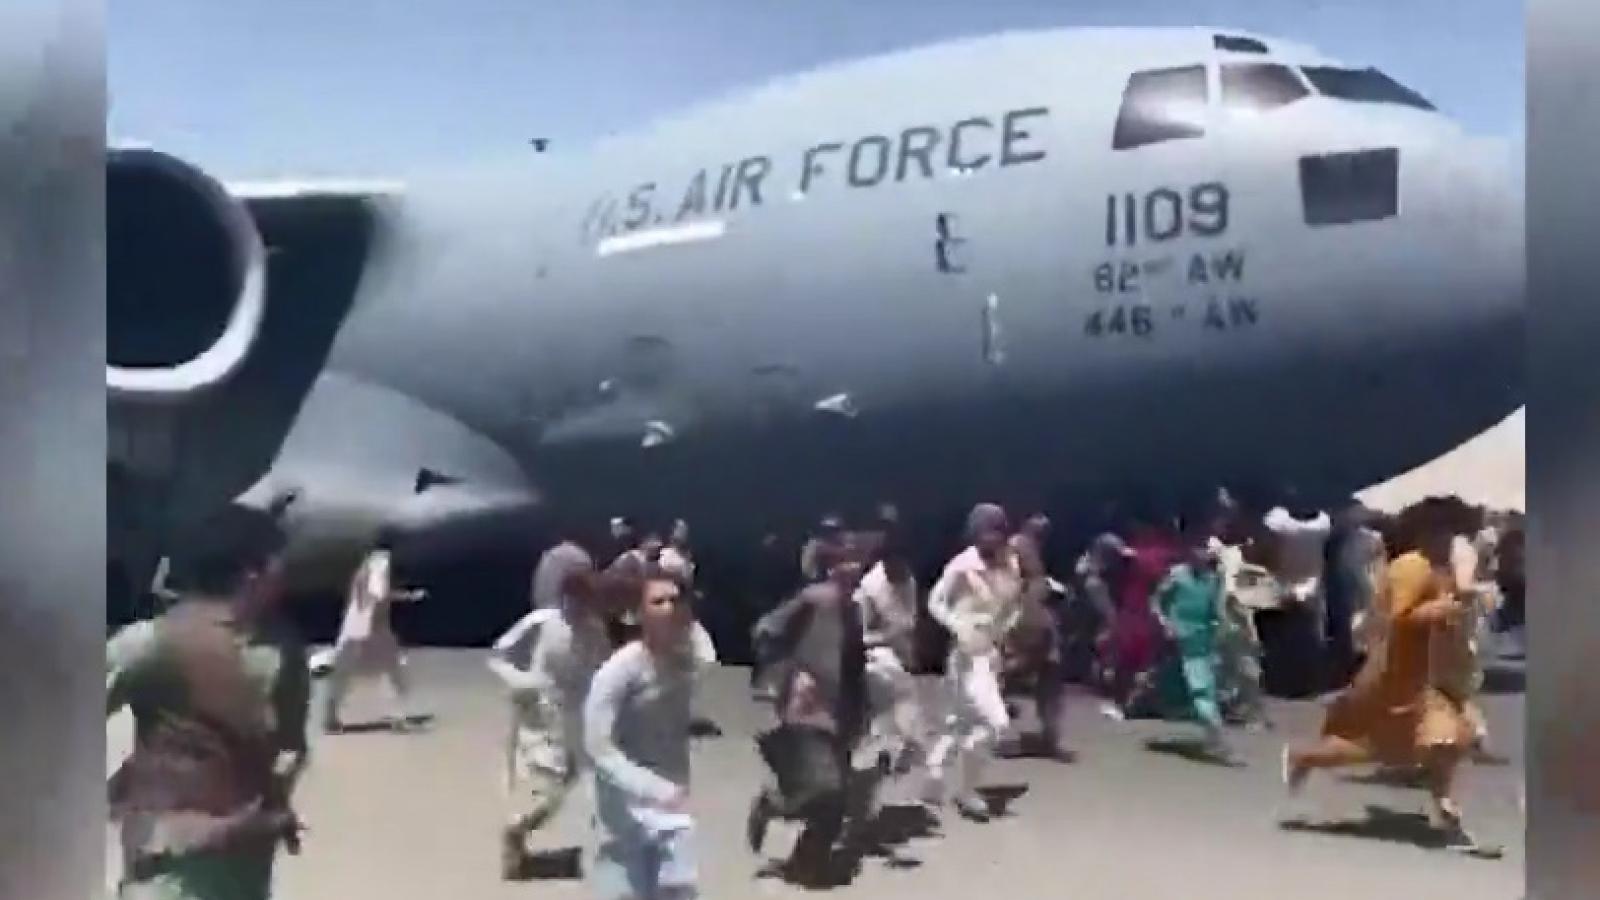 Ám ảnh cảnh đám đông bám lấy máy bay Mỹ ngay trên đường băng ở Afghanistan